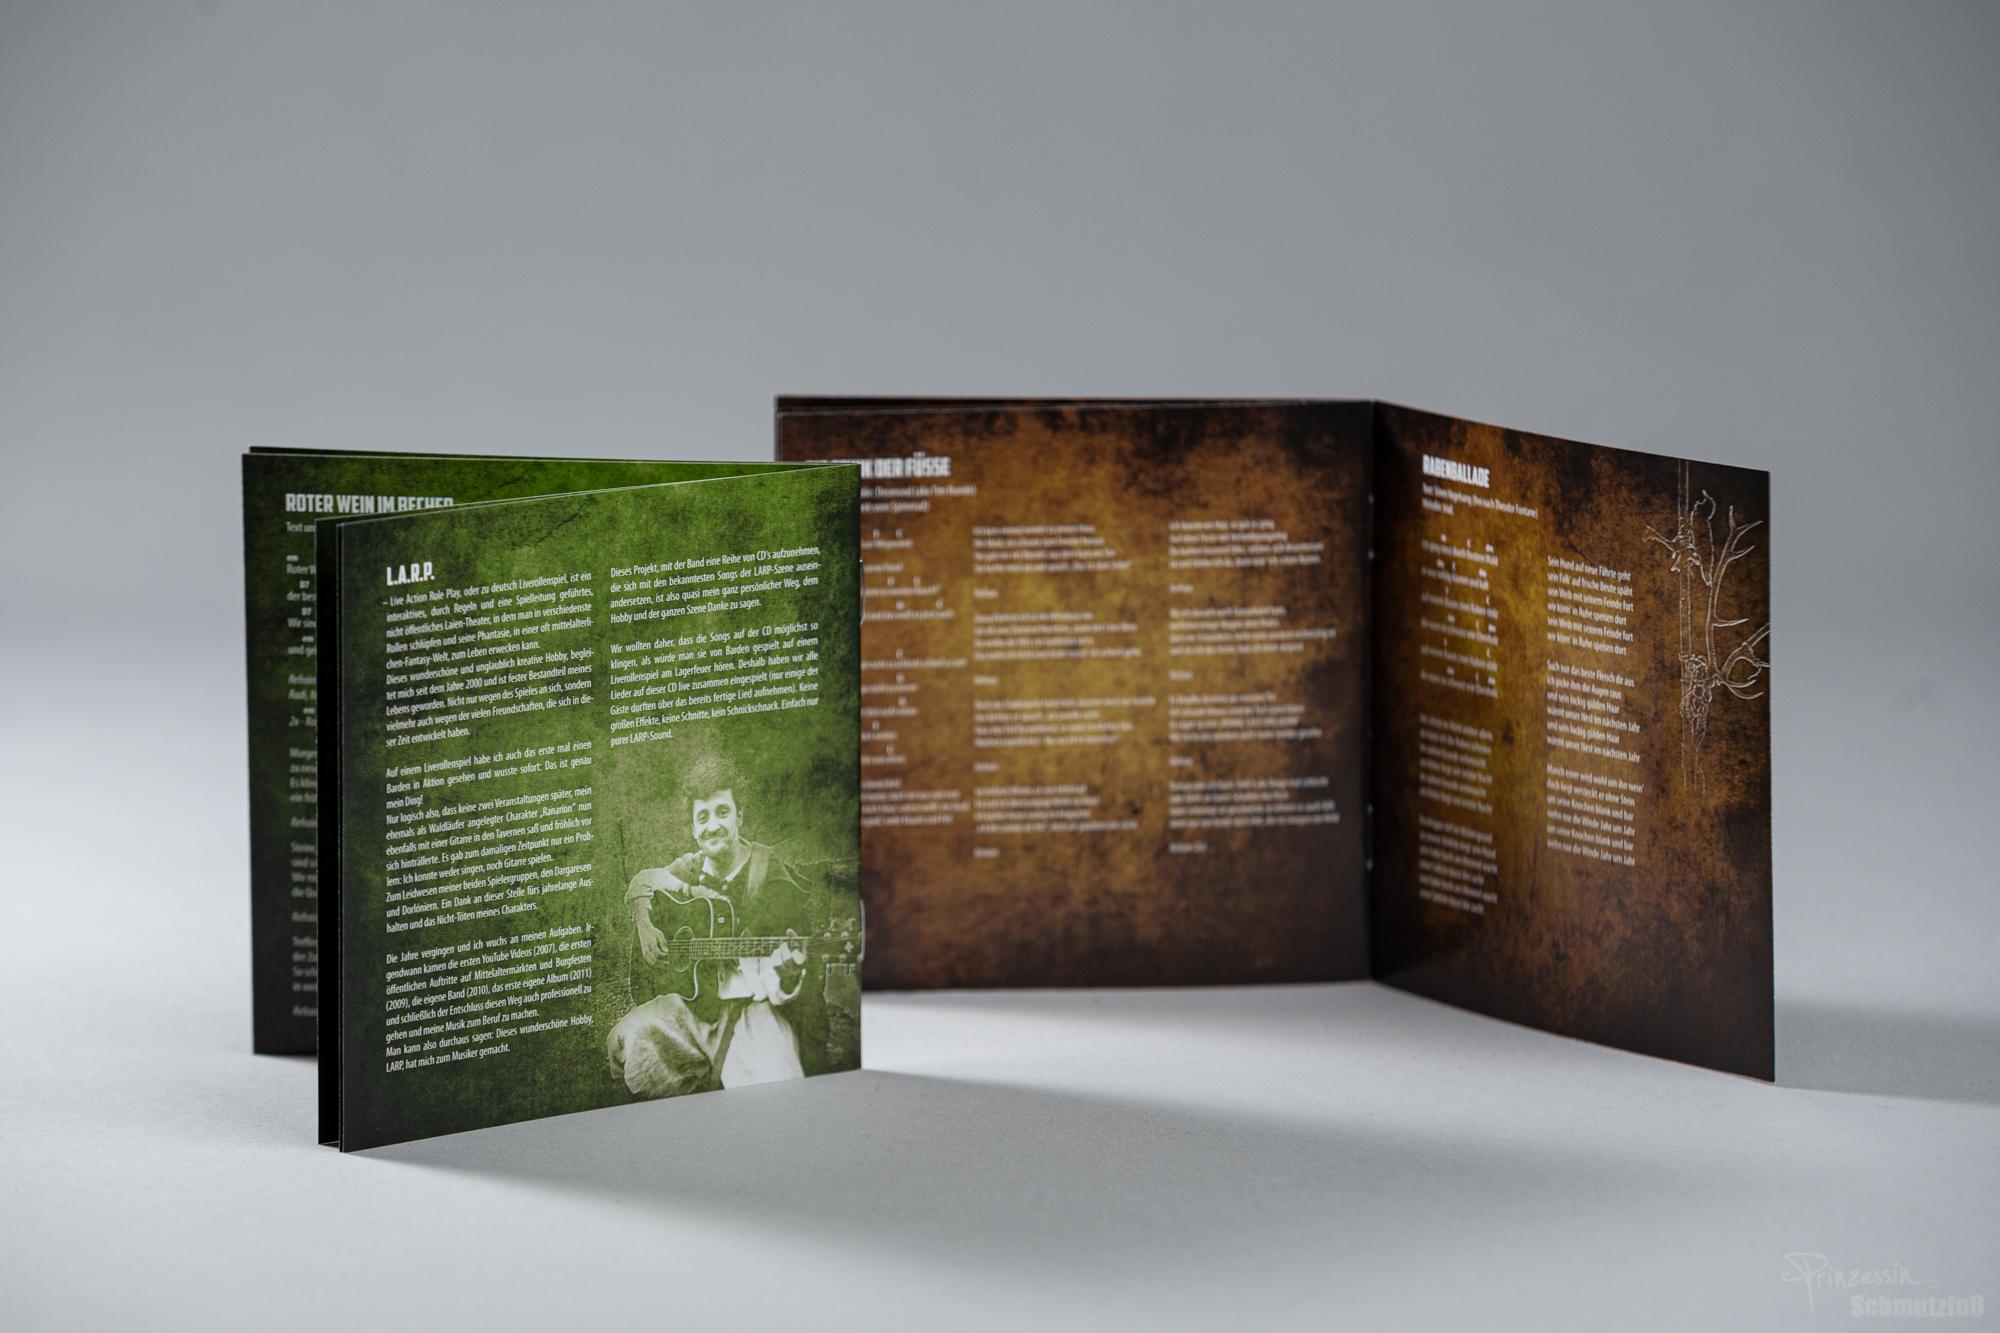 Bookletgestaltung | Textsatz | Fotos auf Cover und im Booklet von Stefan Marchard und Moritz Jendral | Sören Vogelsang LARP